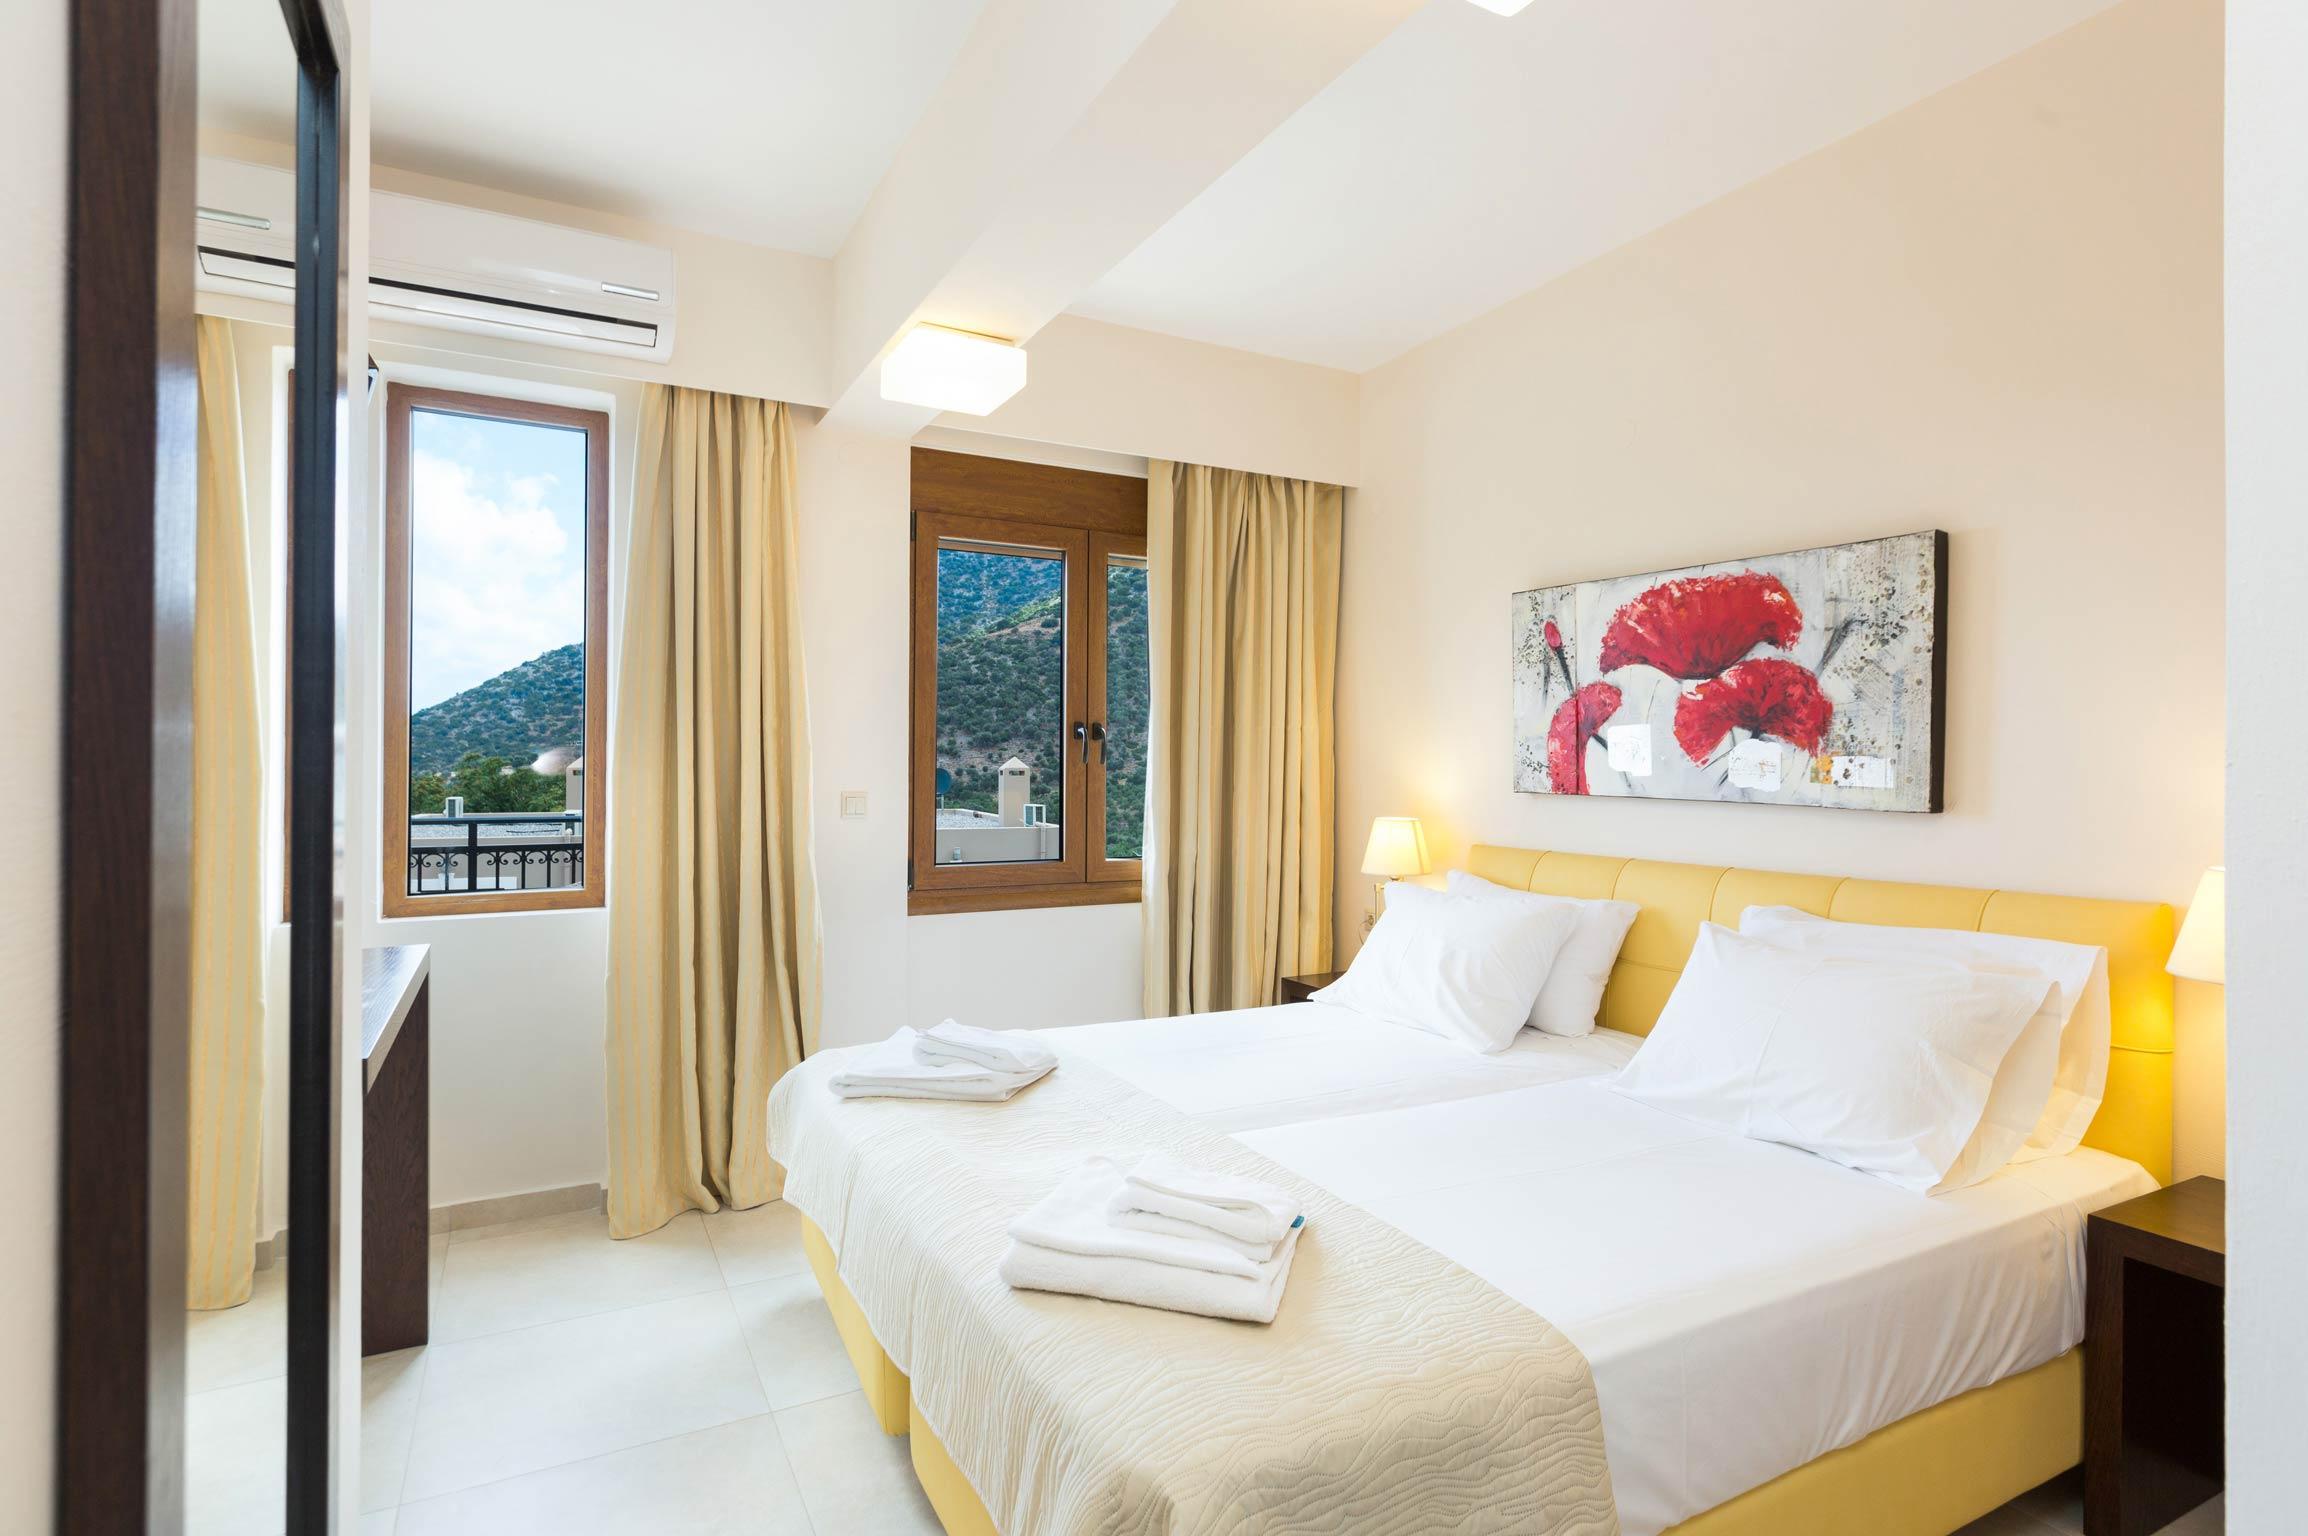 Ferienhaus Diese Villa auf zwei Ebenen ist der perfekte Ort, um in Rethymnon auf Kreta weh zu bleiben (2623387), Roumeli, Kreta Nordküste, Kreta, Griechenland, Bild 21